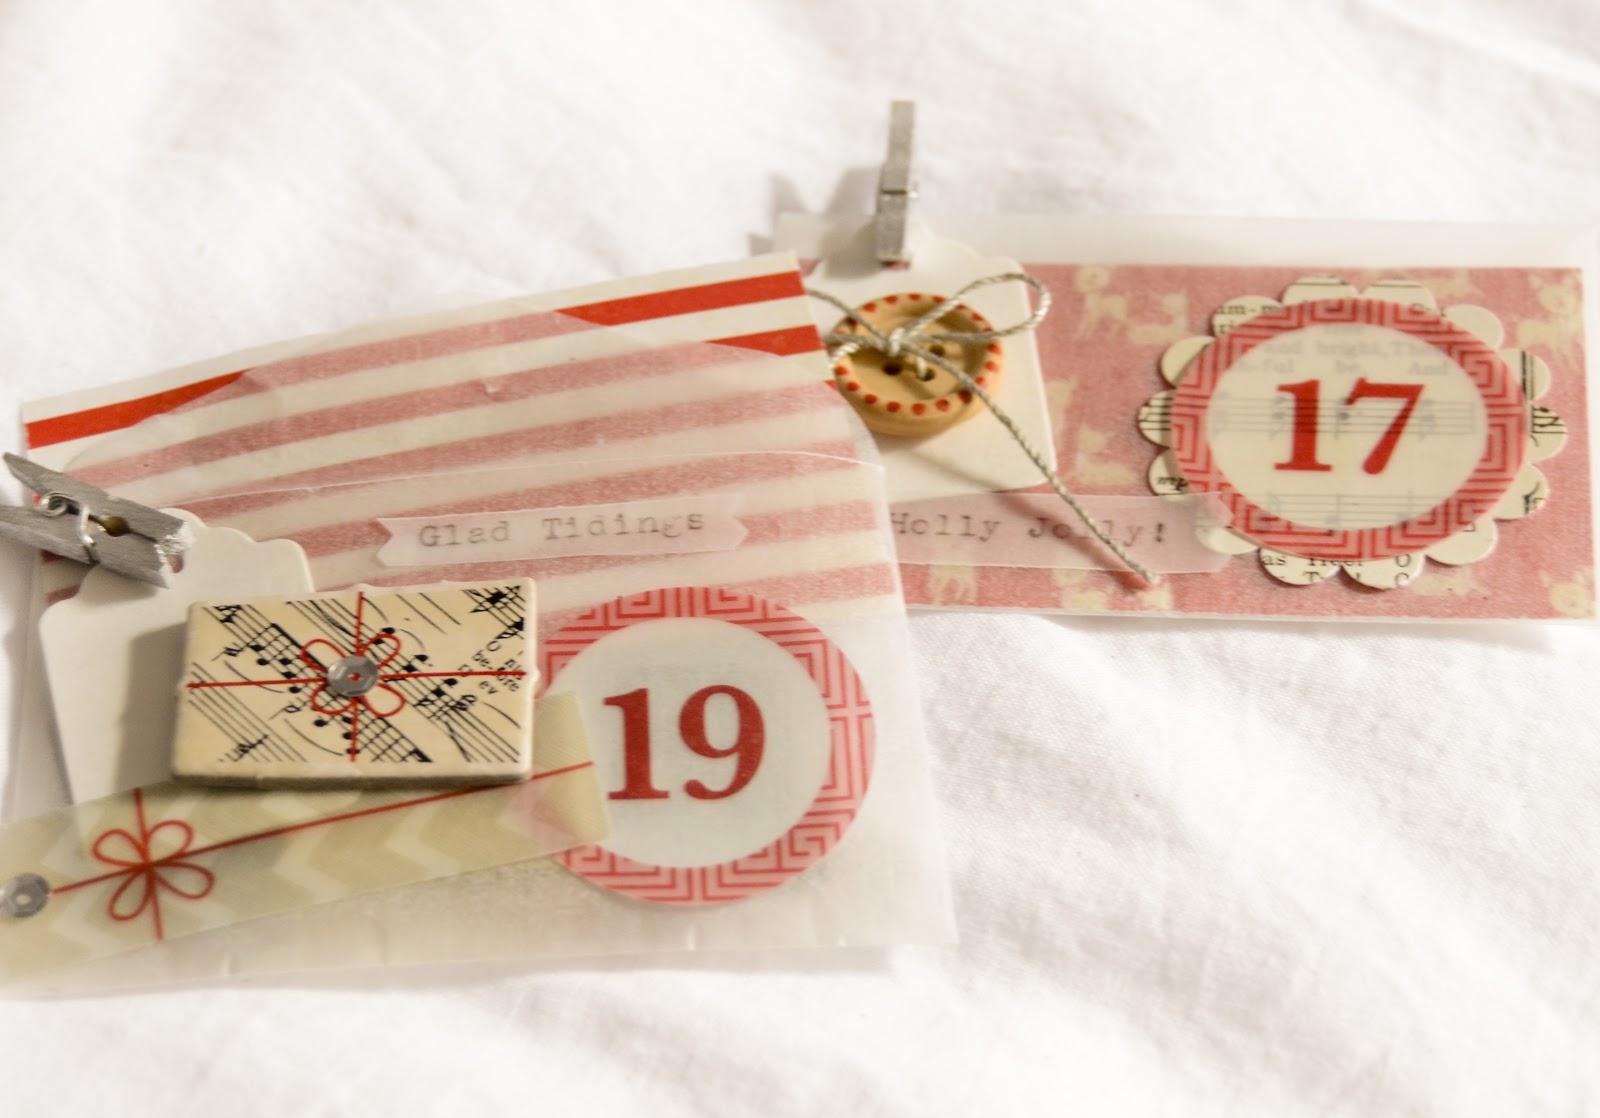 http://2.bp.blogspot.com/-jZyvDvJ2IzU/UMo-6WOWe6I/AAAAAAAACxM/8_6BMR4dl38/s1600/calendar_11.JPG